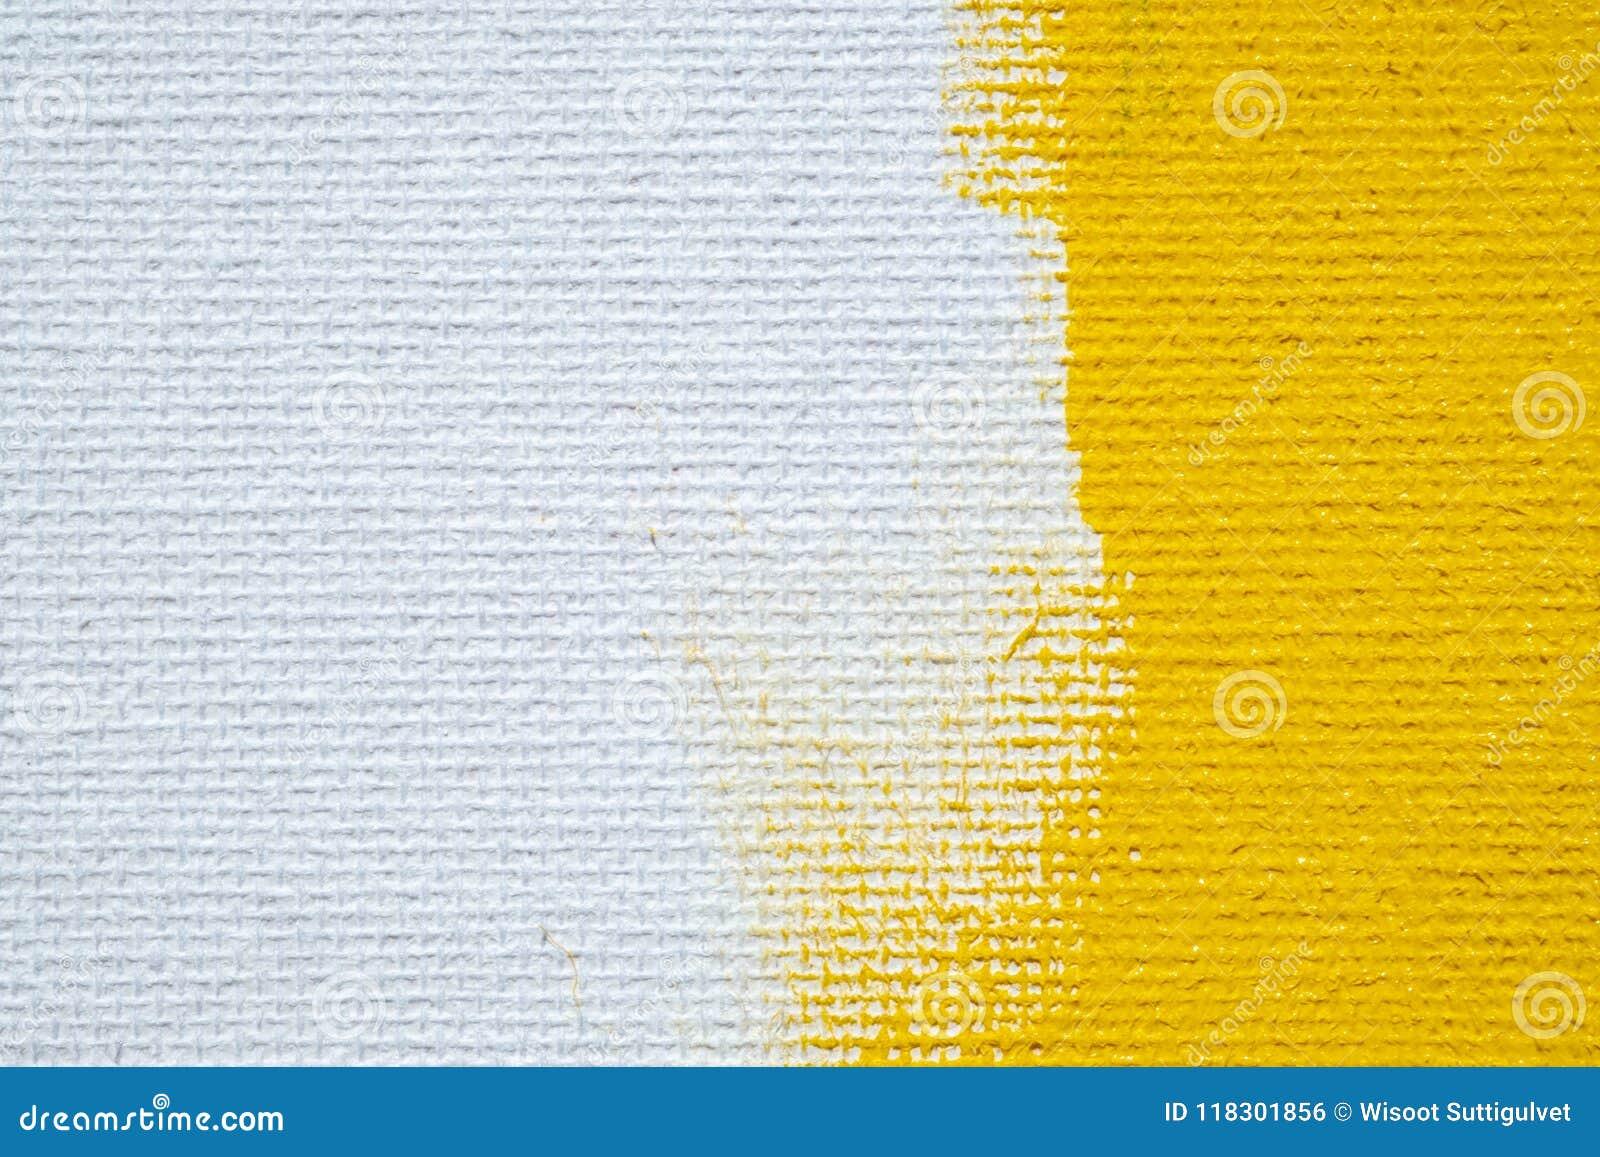 Abstrakcjonistycznej żółtej tła grunge białej granicy żółty kolor z białymi brezentowymi krawędziami, rocznika grunge tła tekstur